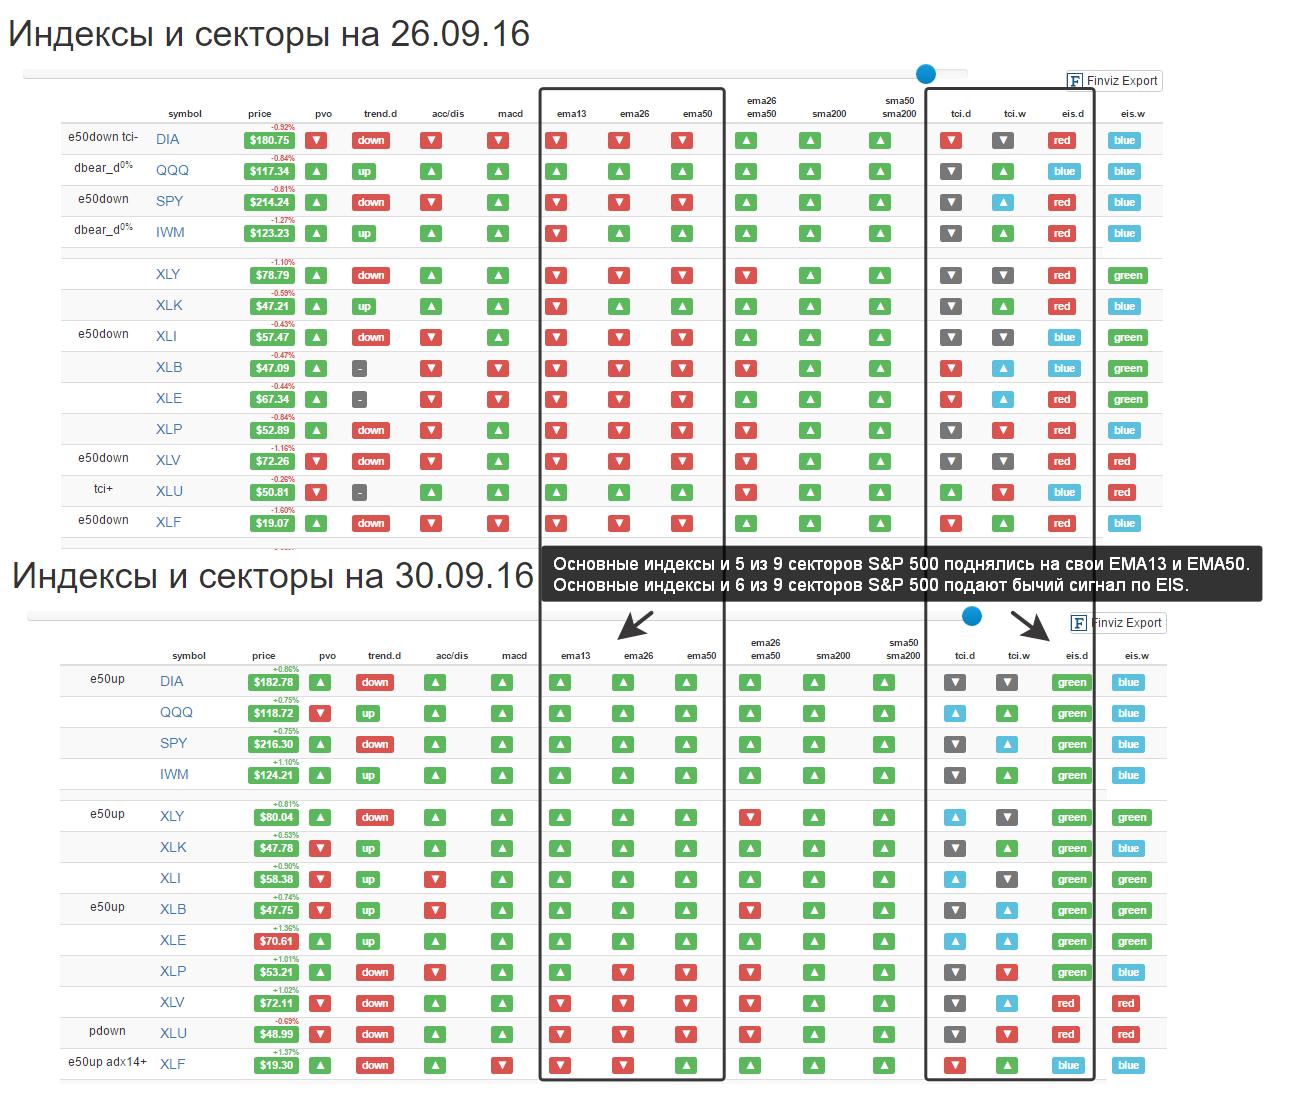 Статус индексов и секторов фондового рынка США